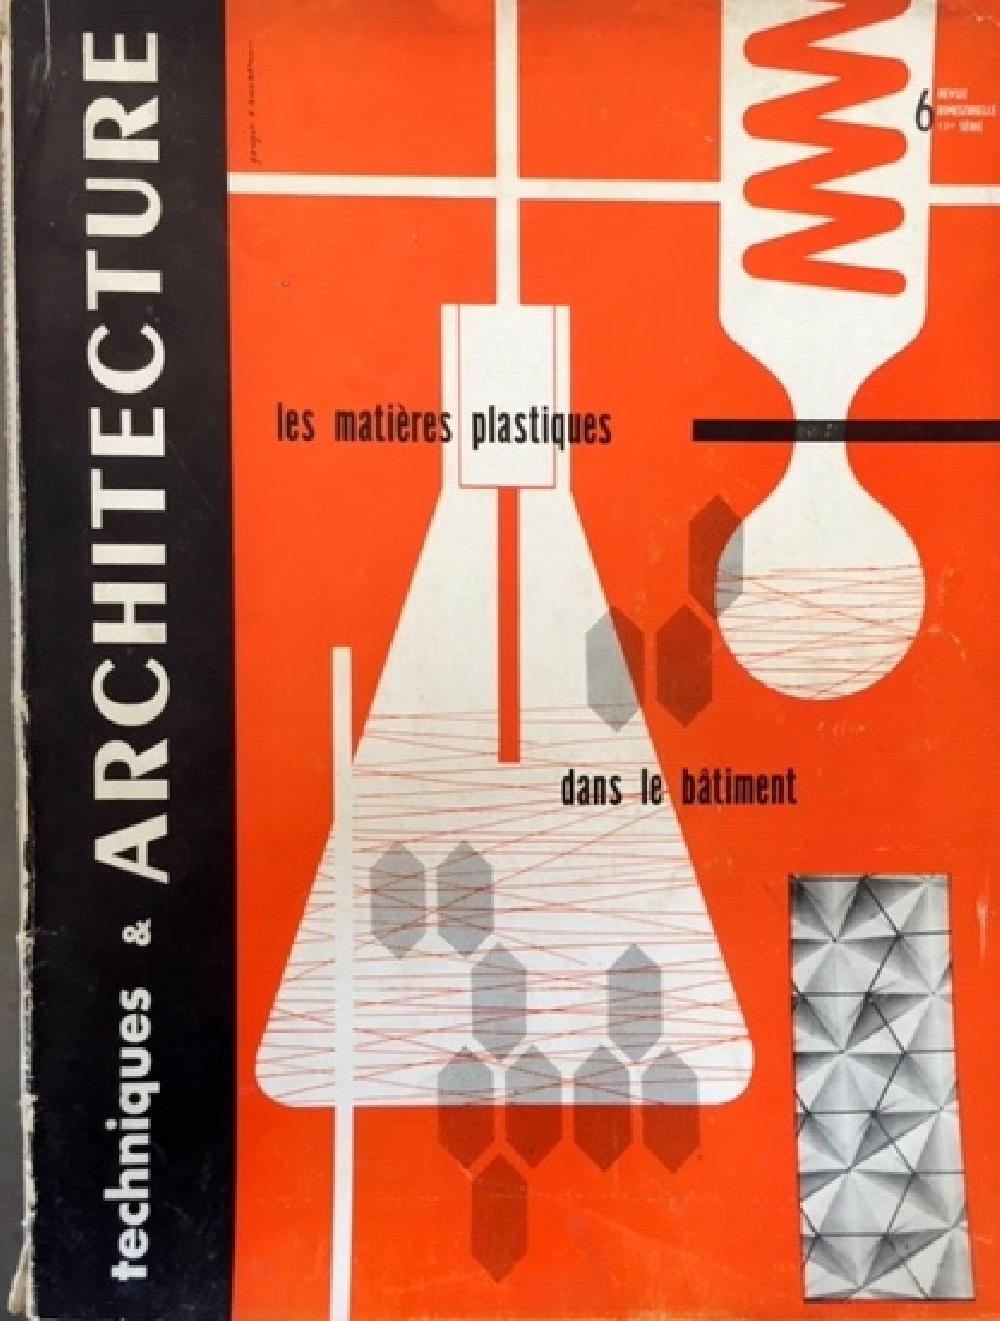 Techniques & Architecture n°6 - Les matières plastiques dans le bâtiment